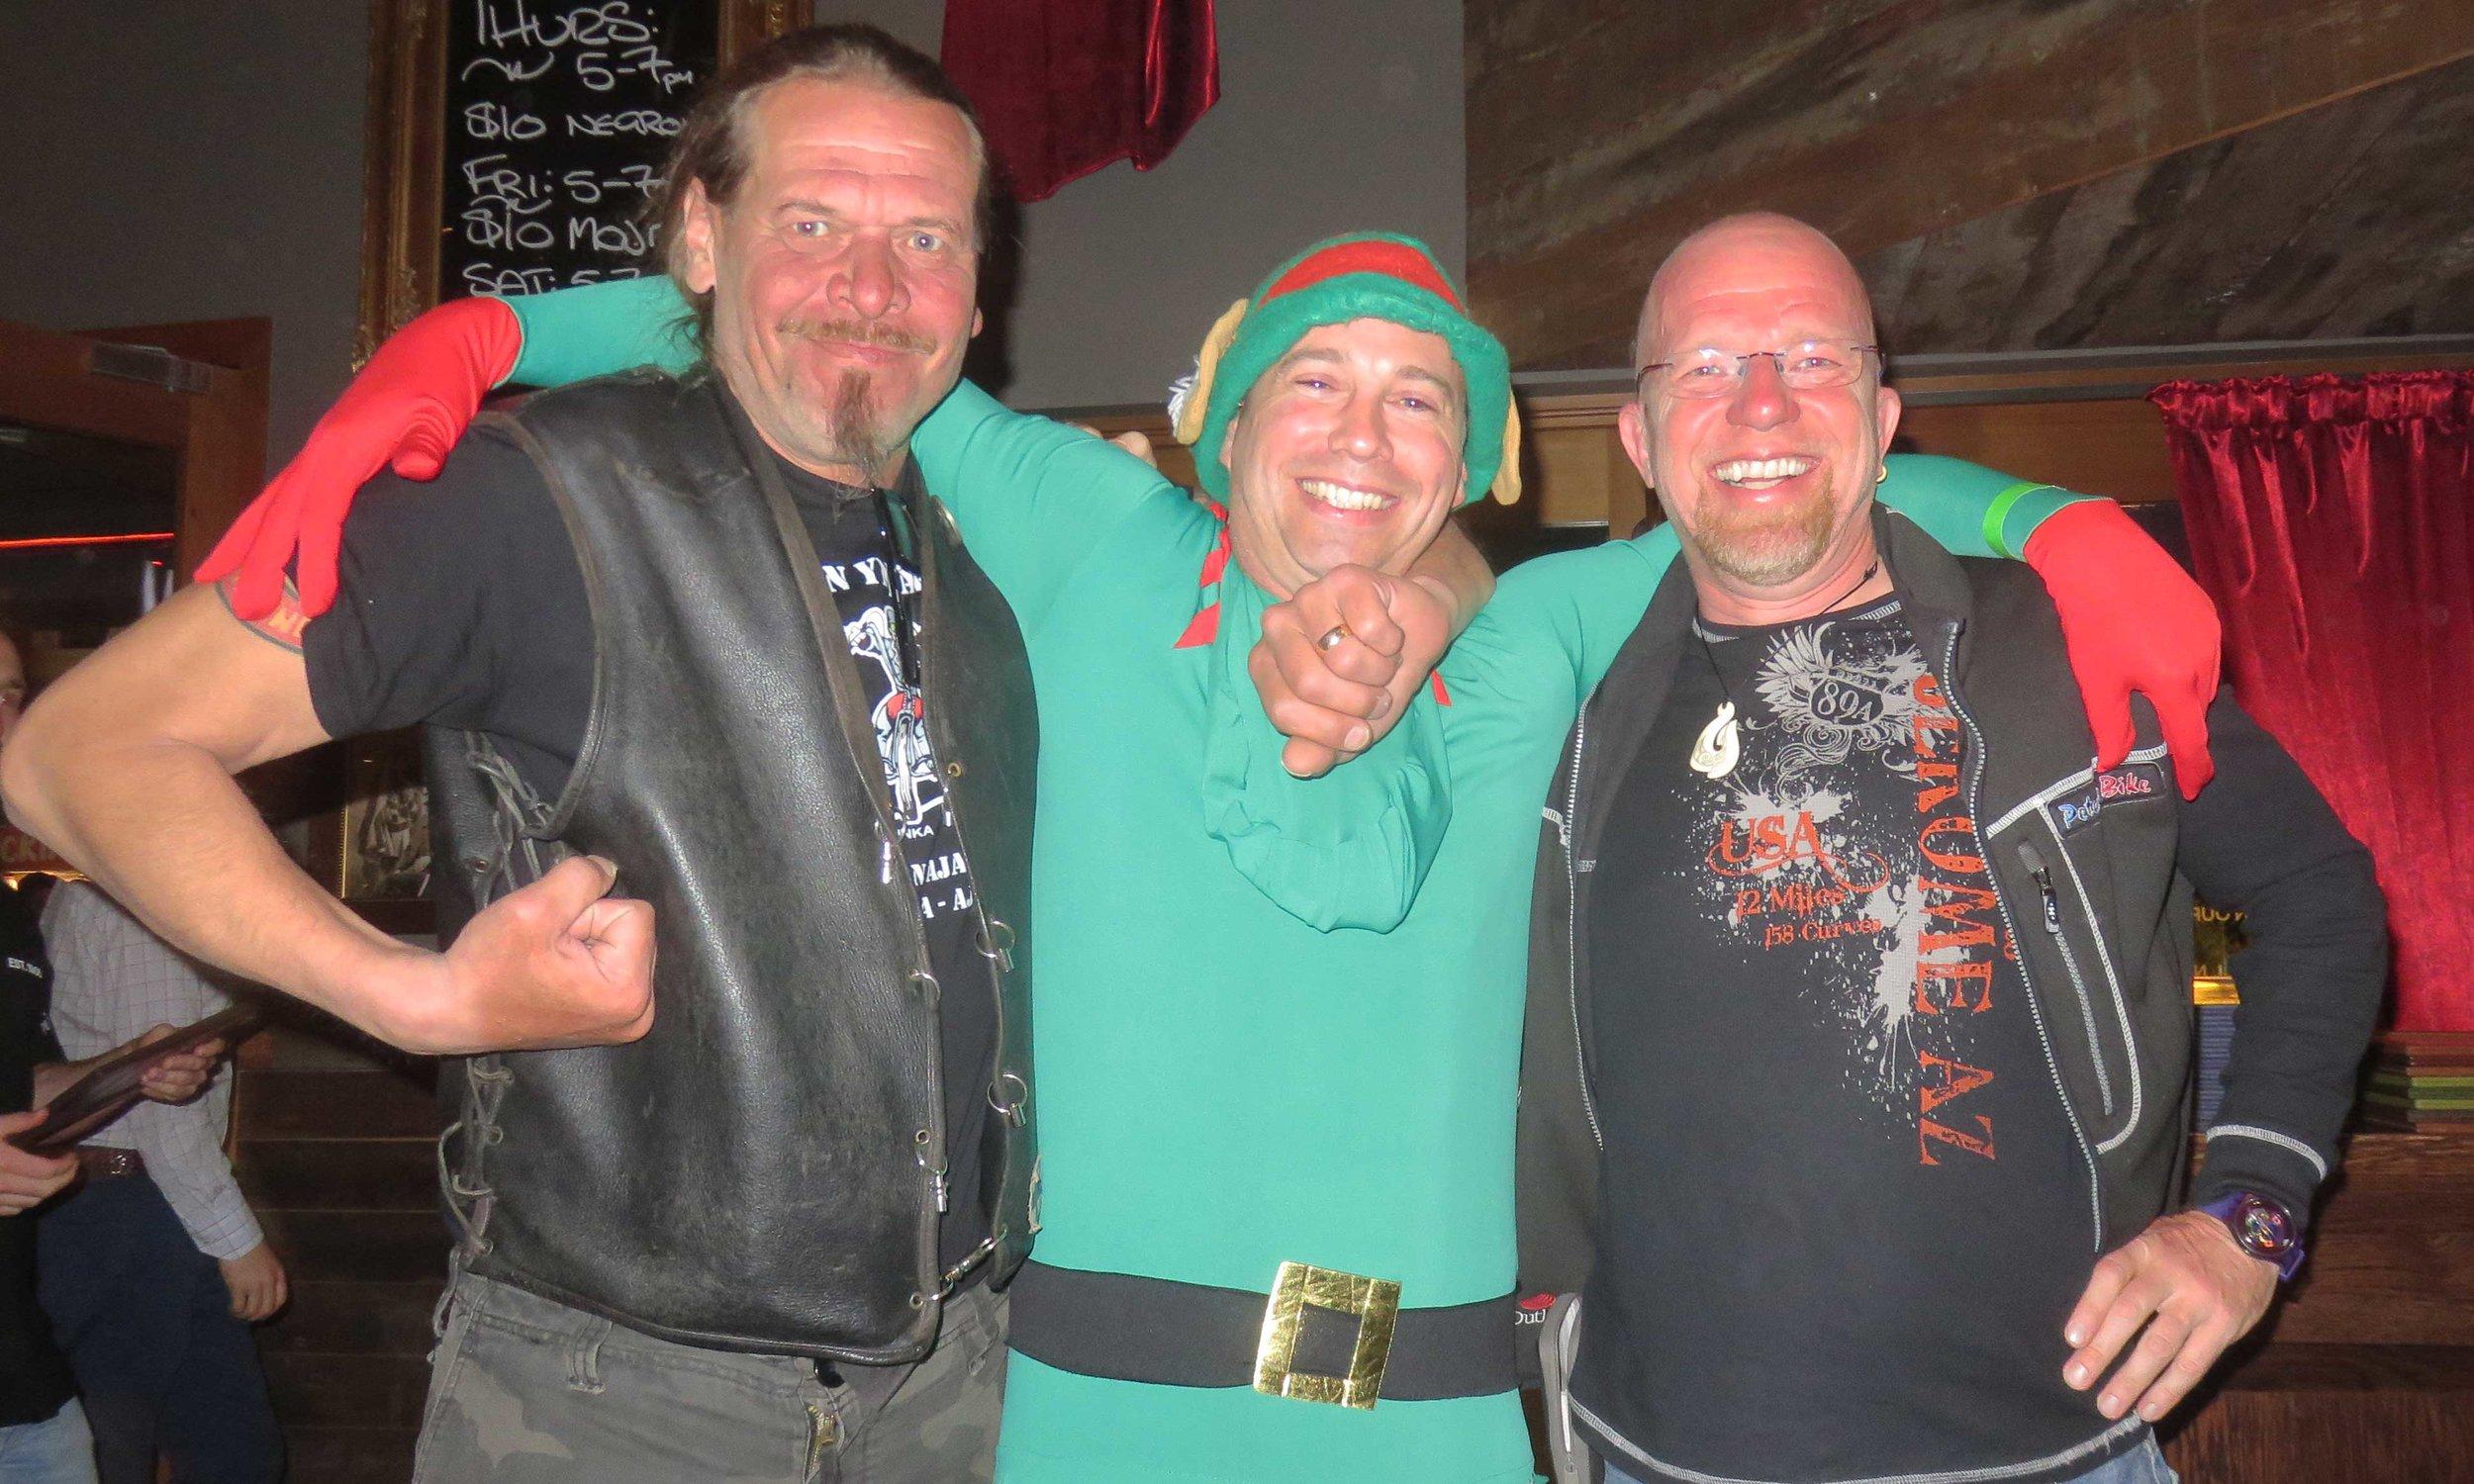 Chief Pekka, PeterPan NZ ja PeterPan FIN Casa Publicassa päättäripäivällisellä!